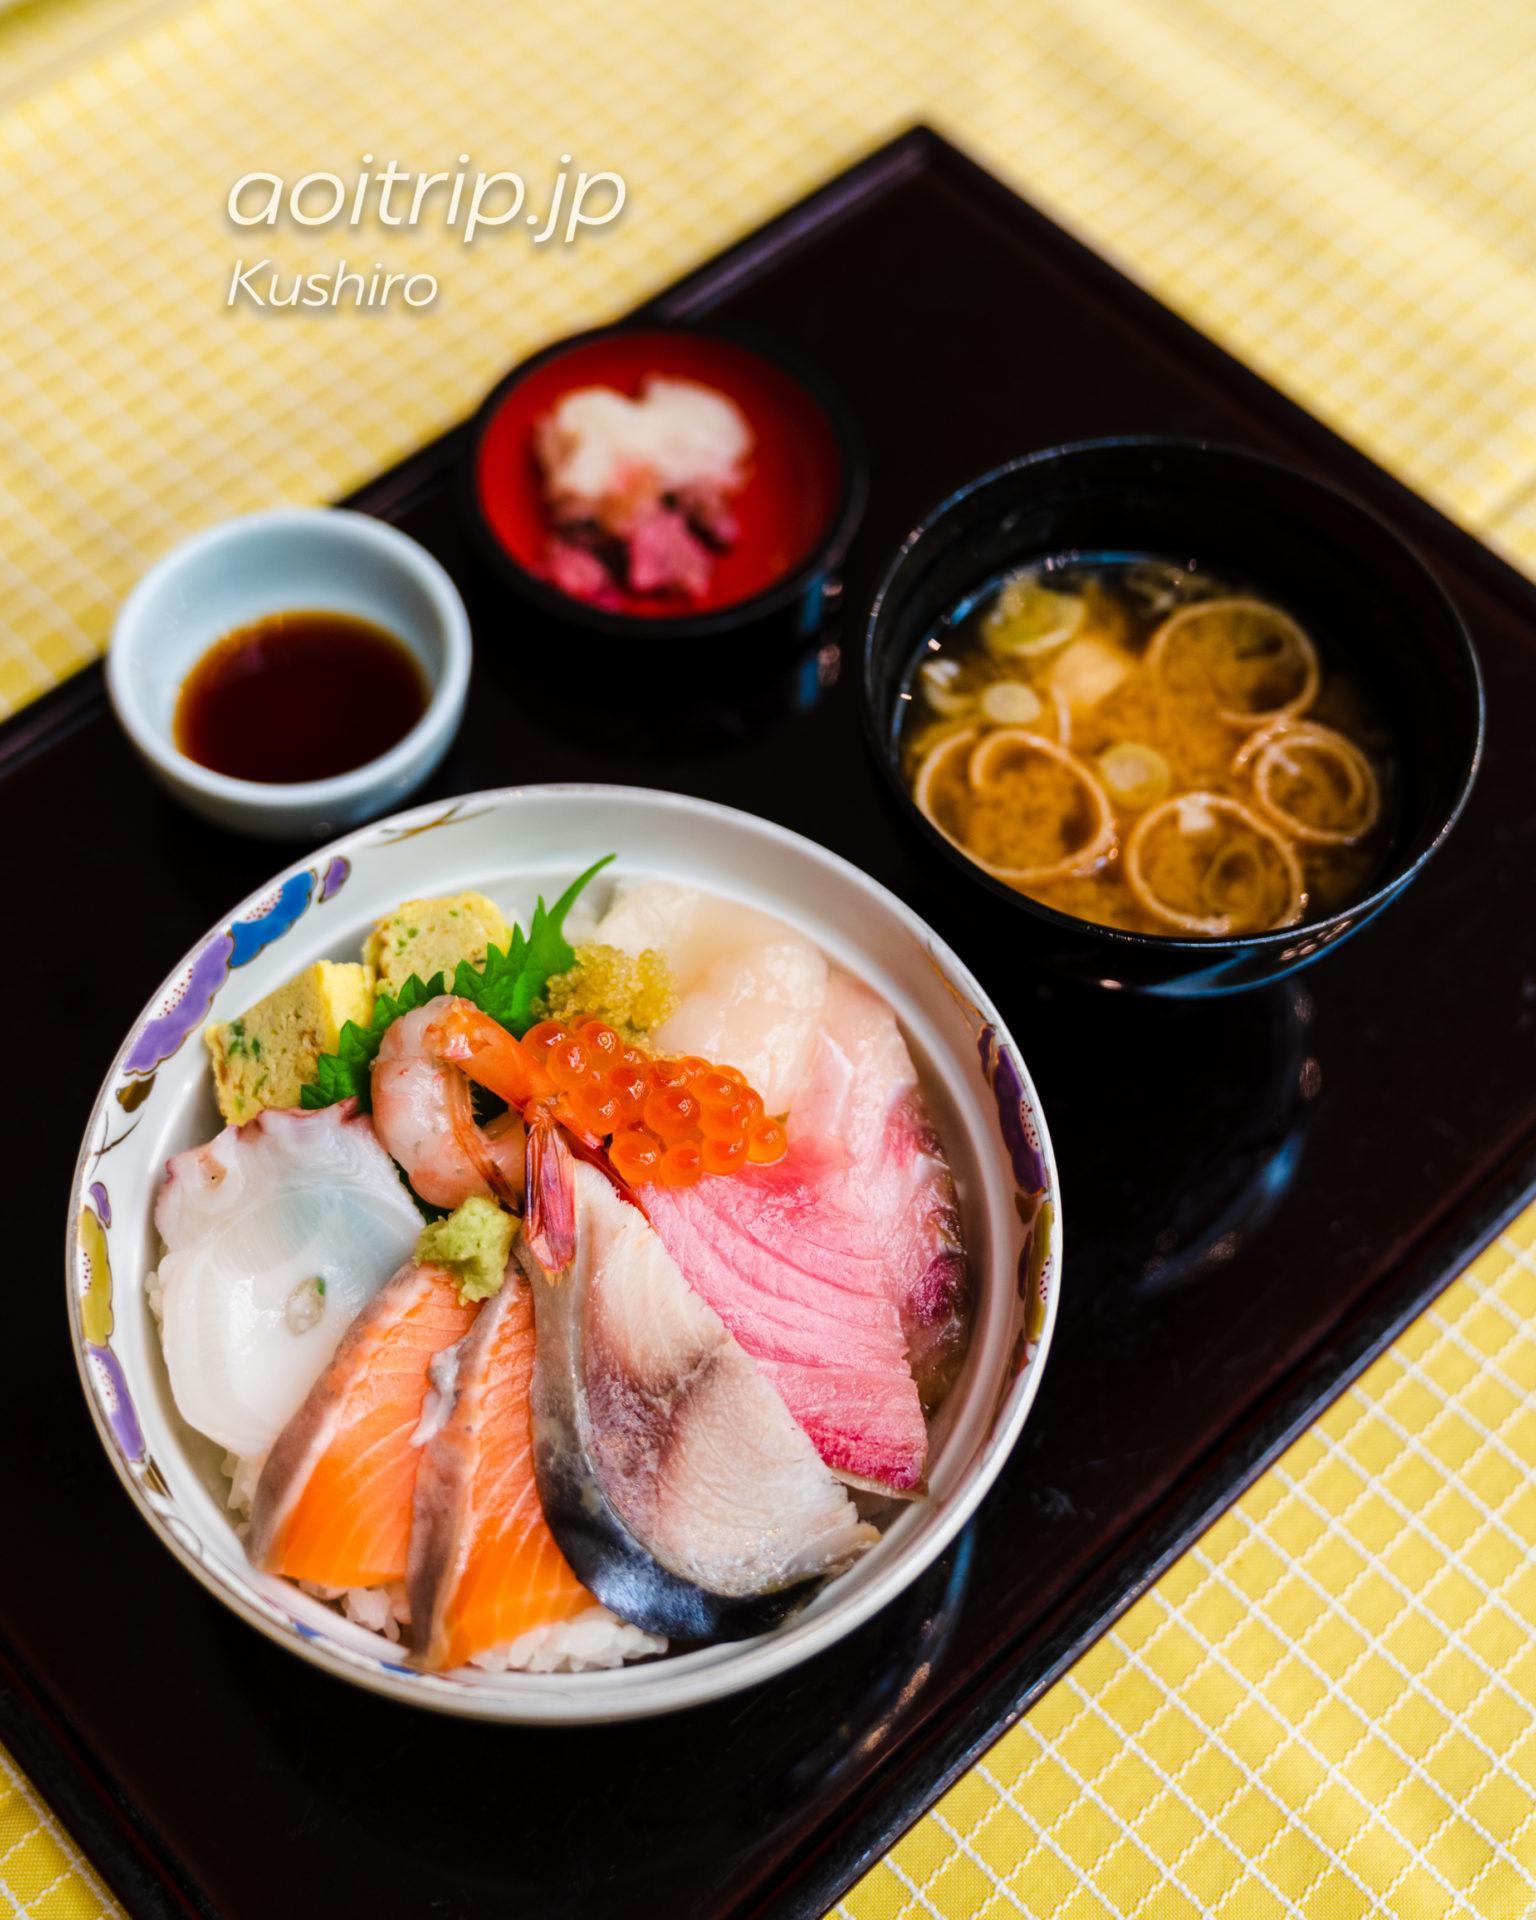 ANAクラウンプラザホテル釧路 ANA Crowne Plaza Hotel Kushiro 朝食の海鮮丼